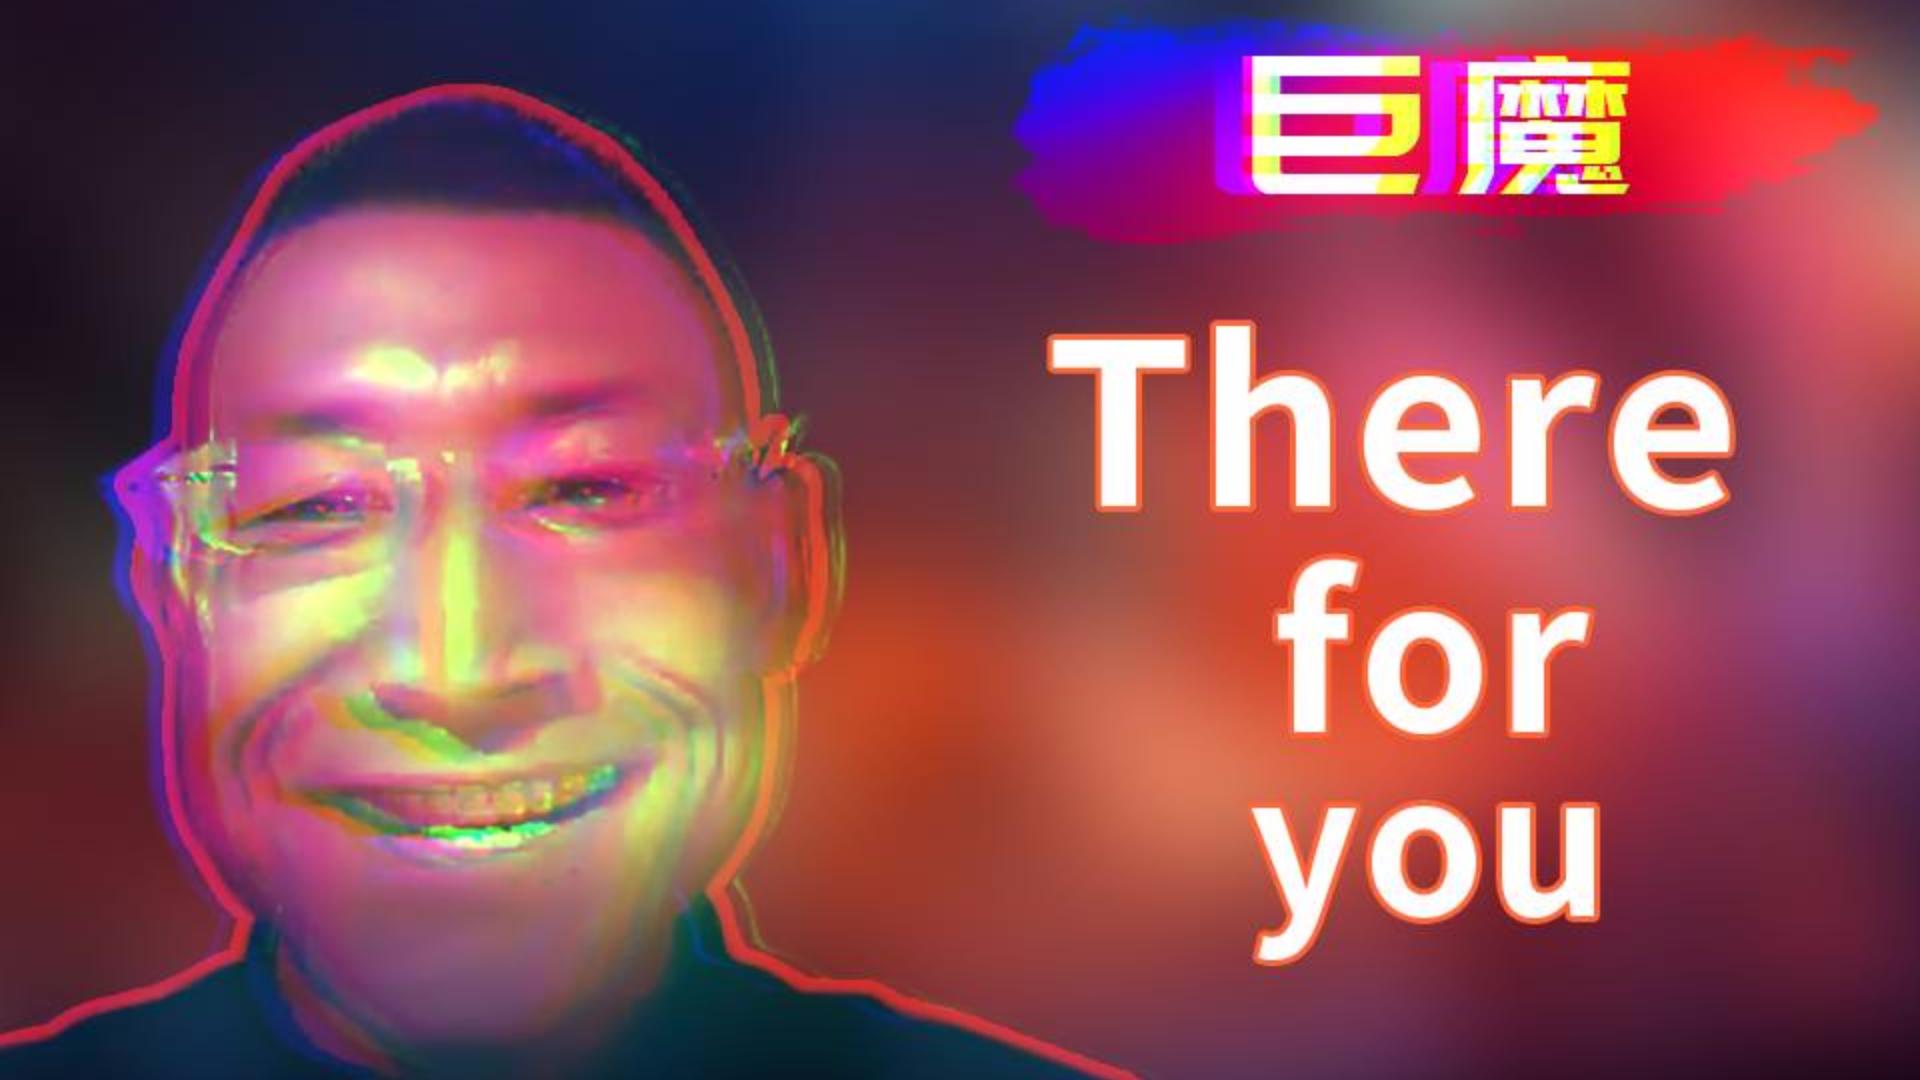 【电音巨魔】There for you